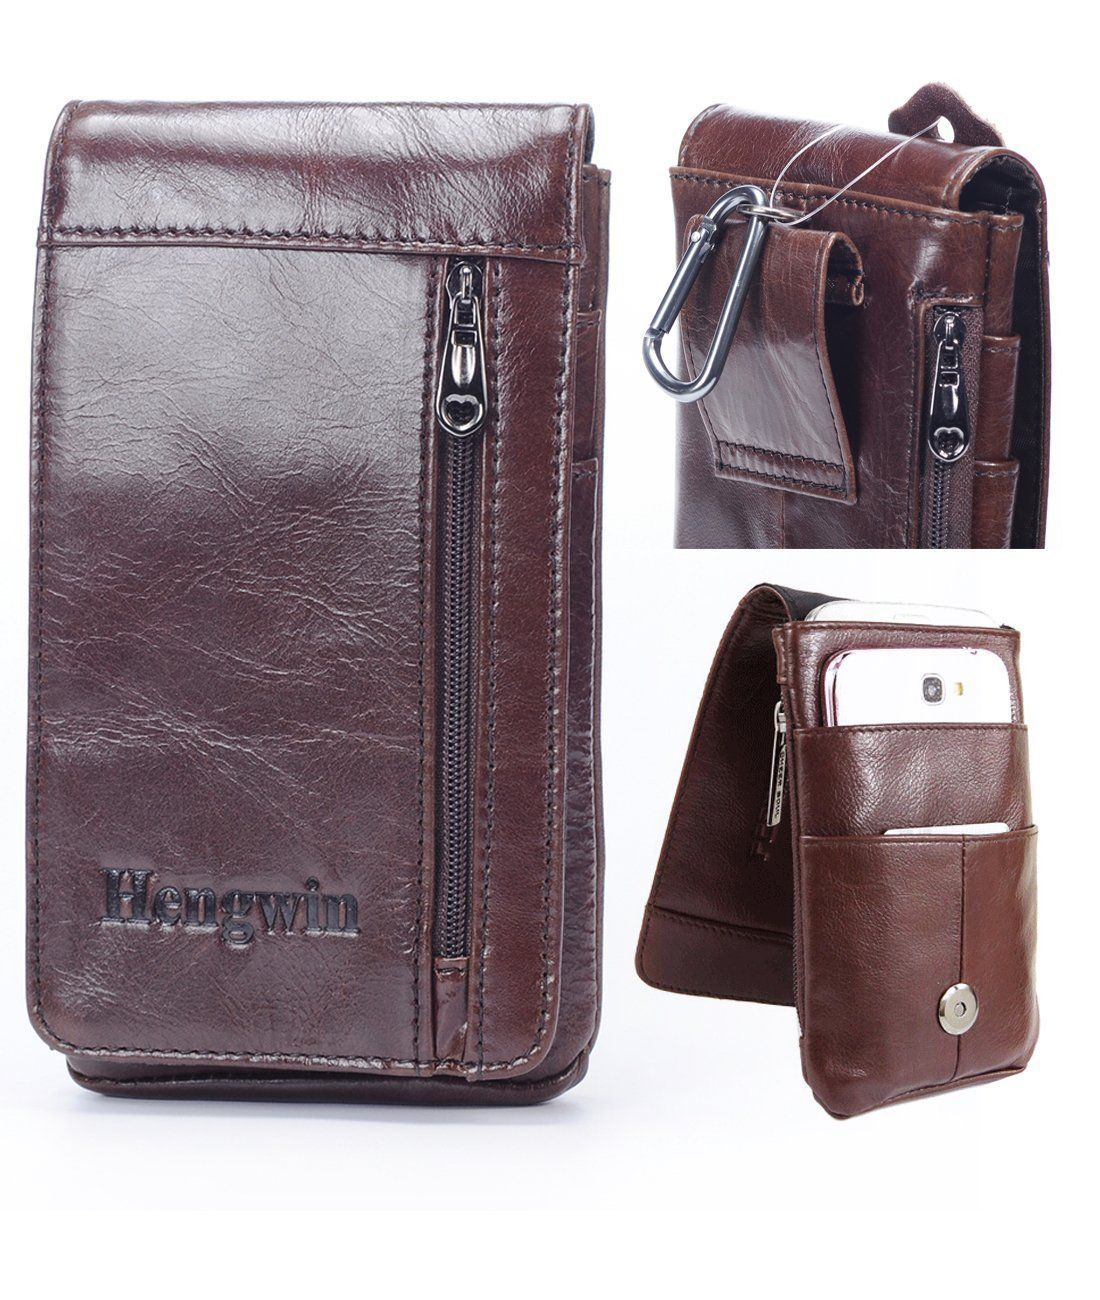 7a5e691a3e8d iPhone 8 Plus 7 Plus Belt Clip Pouch,Genuine Leather Vertical ...